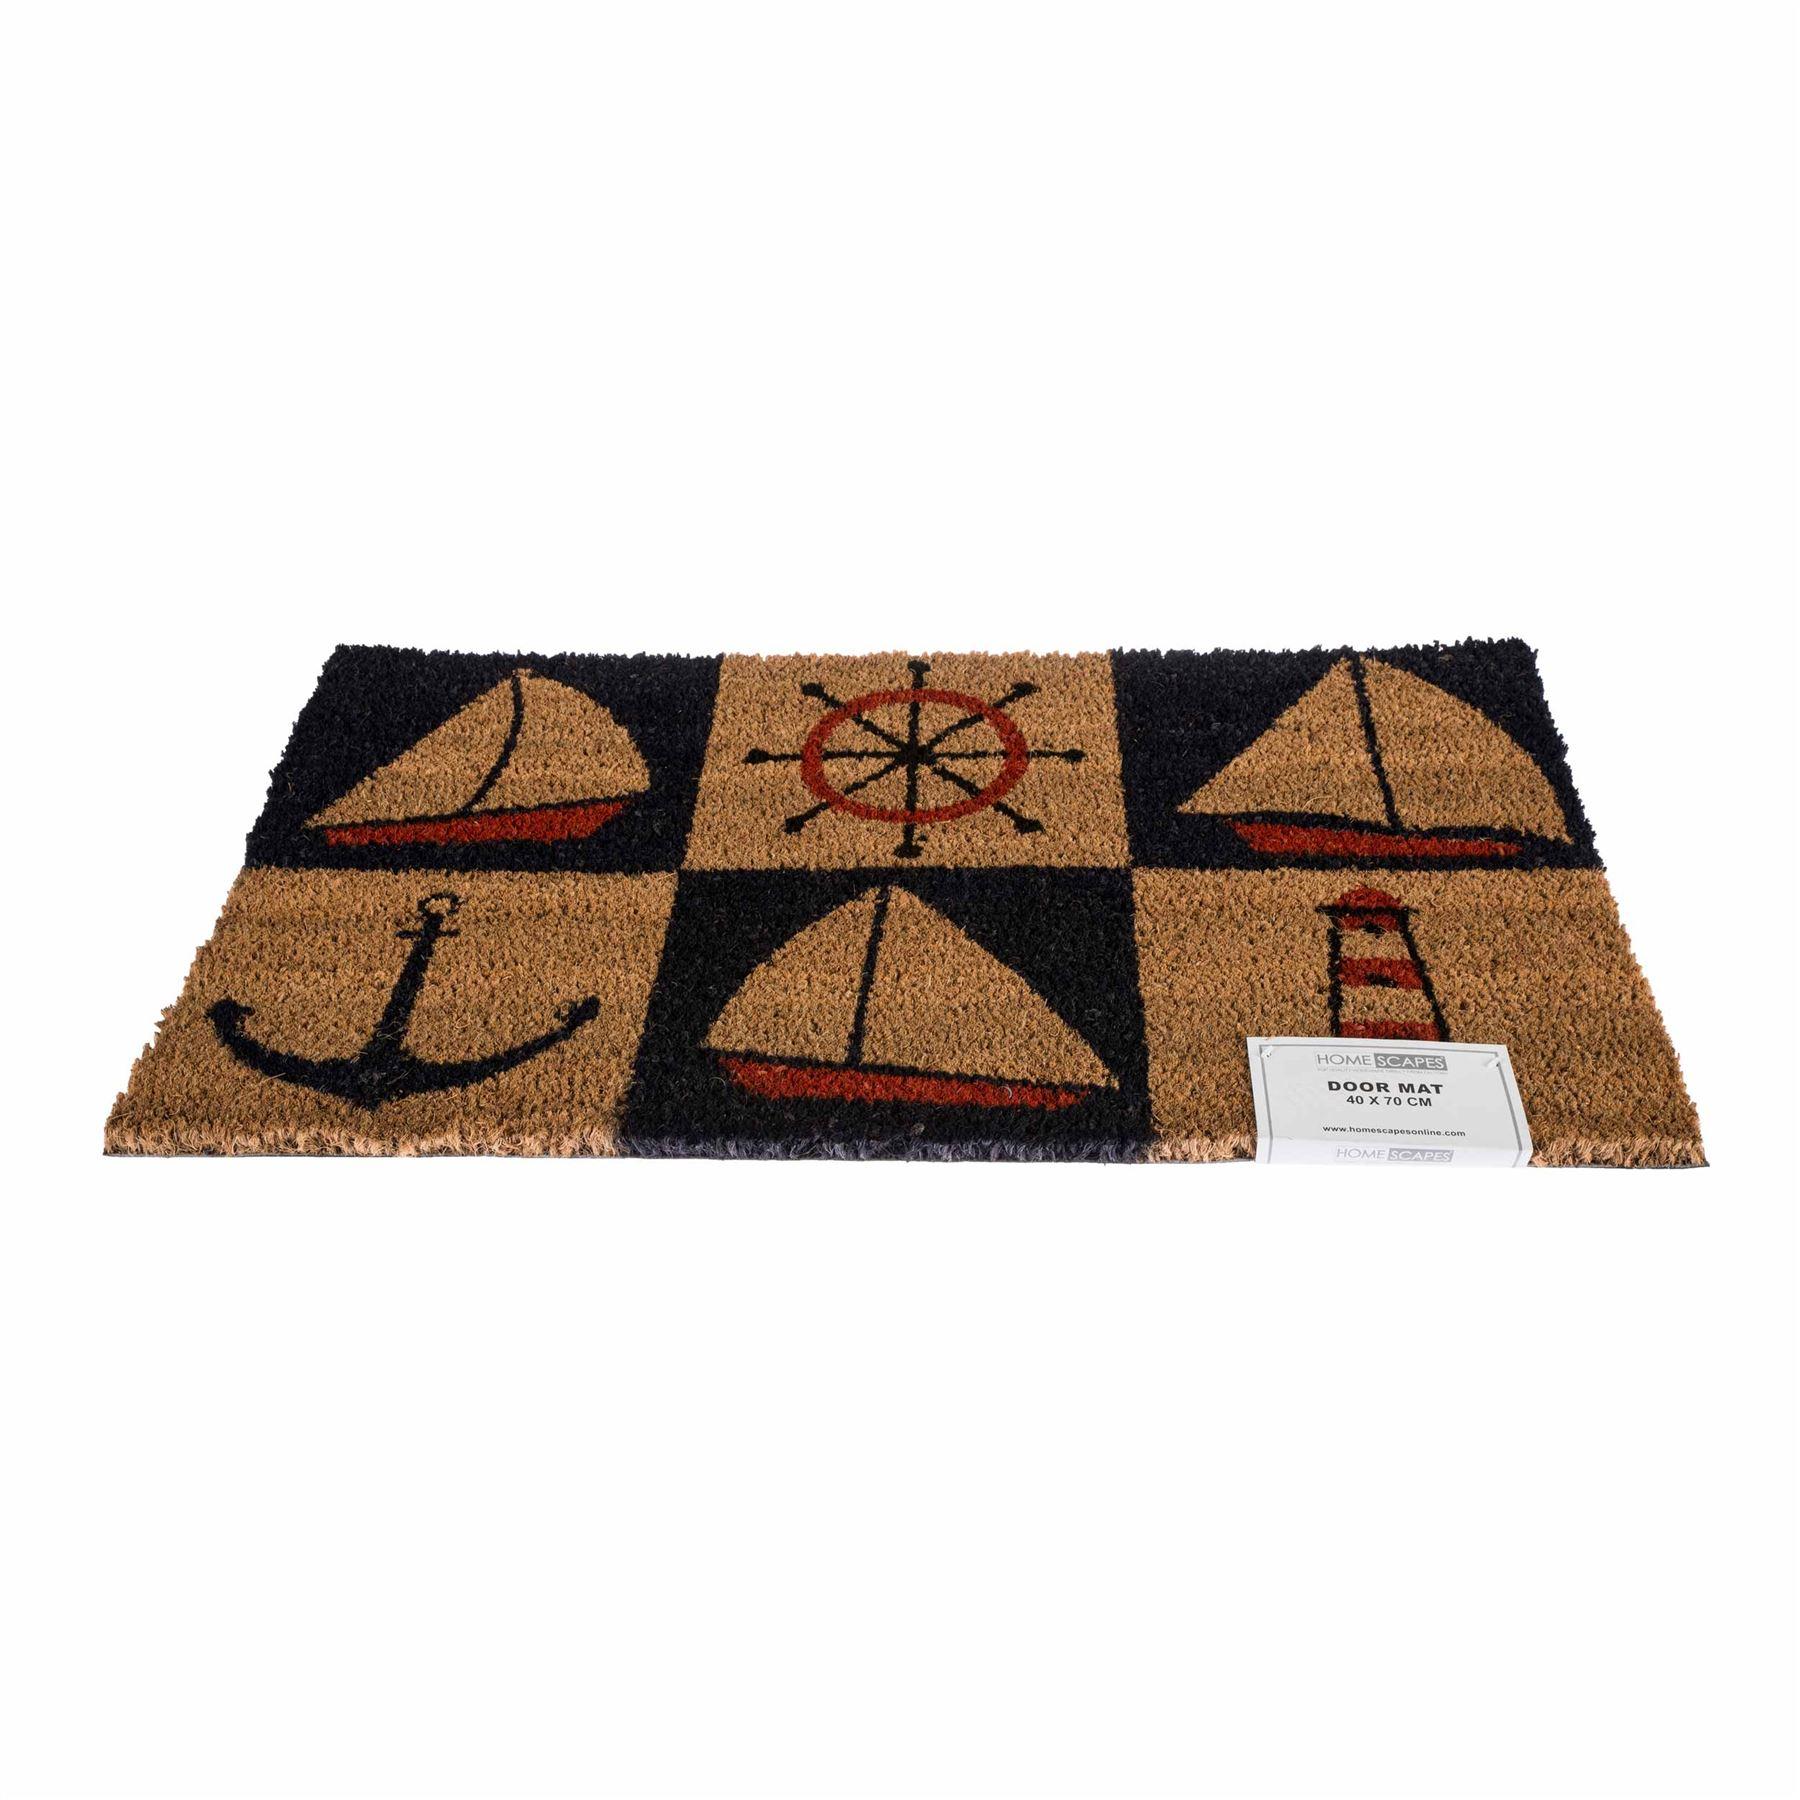 Novelty natural coir door mat heavy duty indoor outdoor for Outdoor doormats